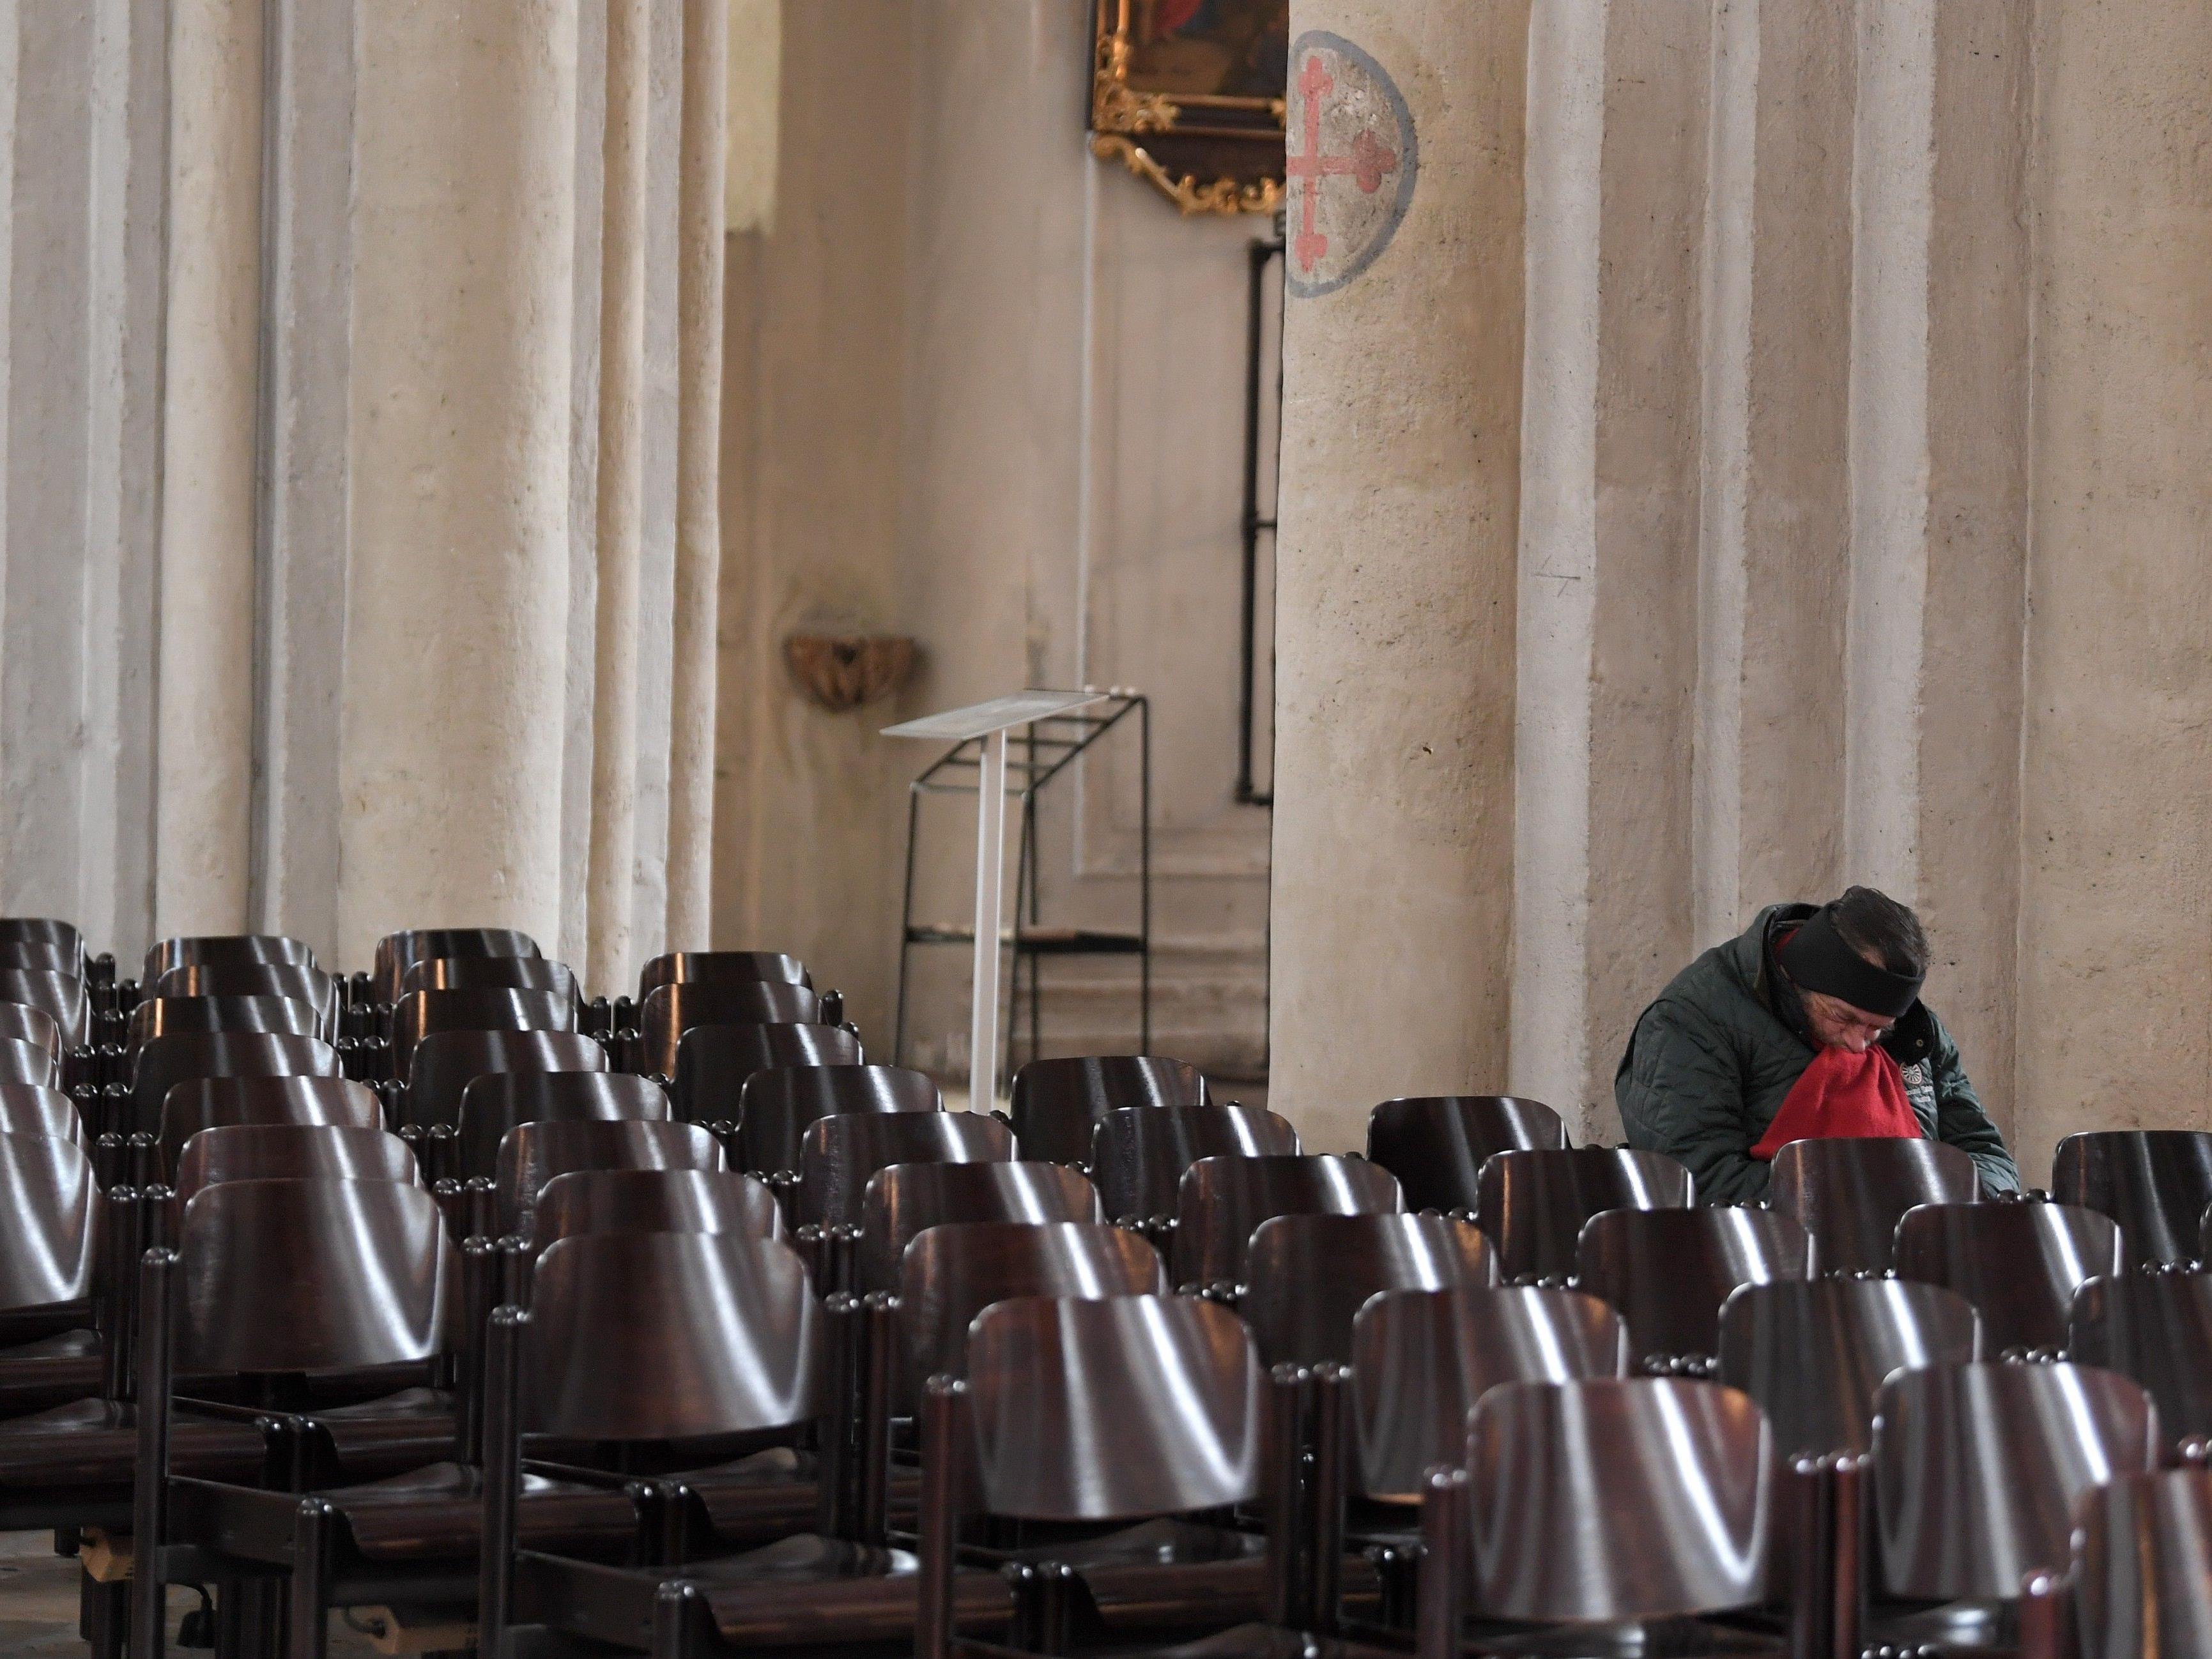 Ab 15. Mai dürfen Gottesdienste wieder stattfinden.